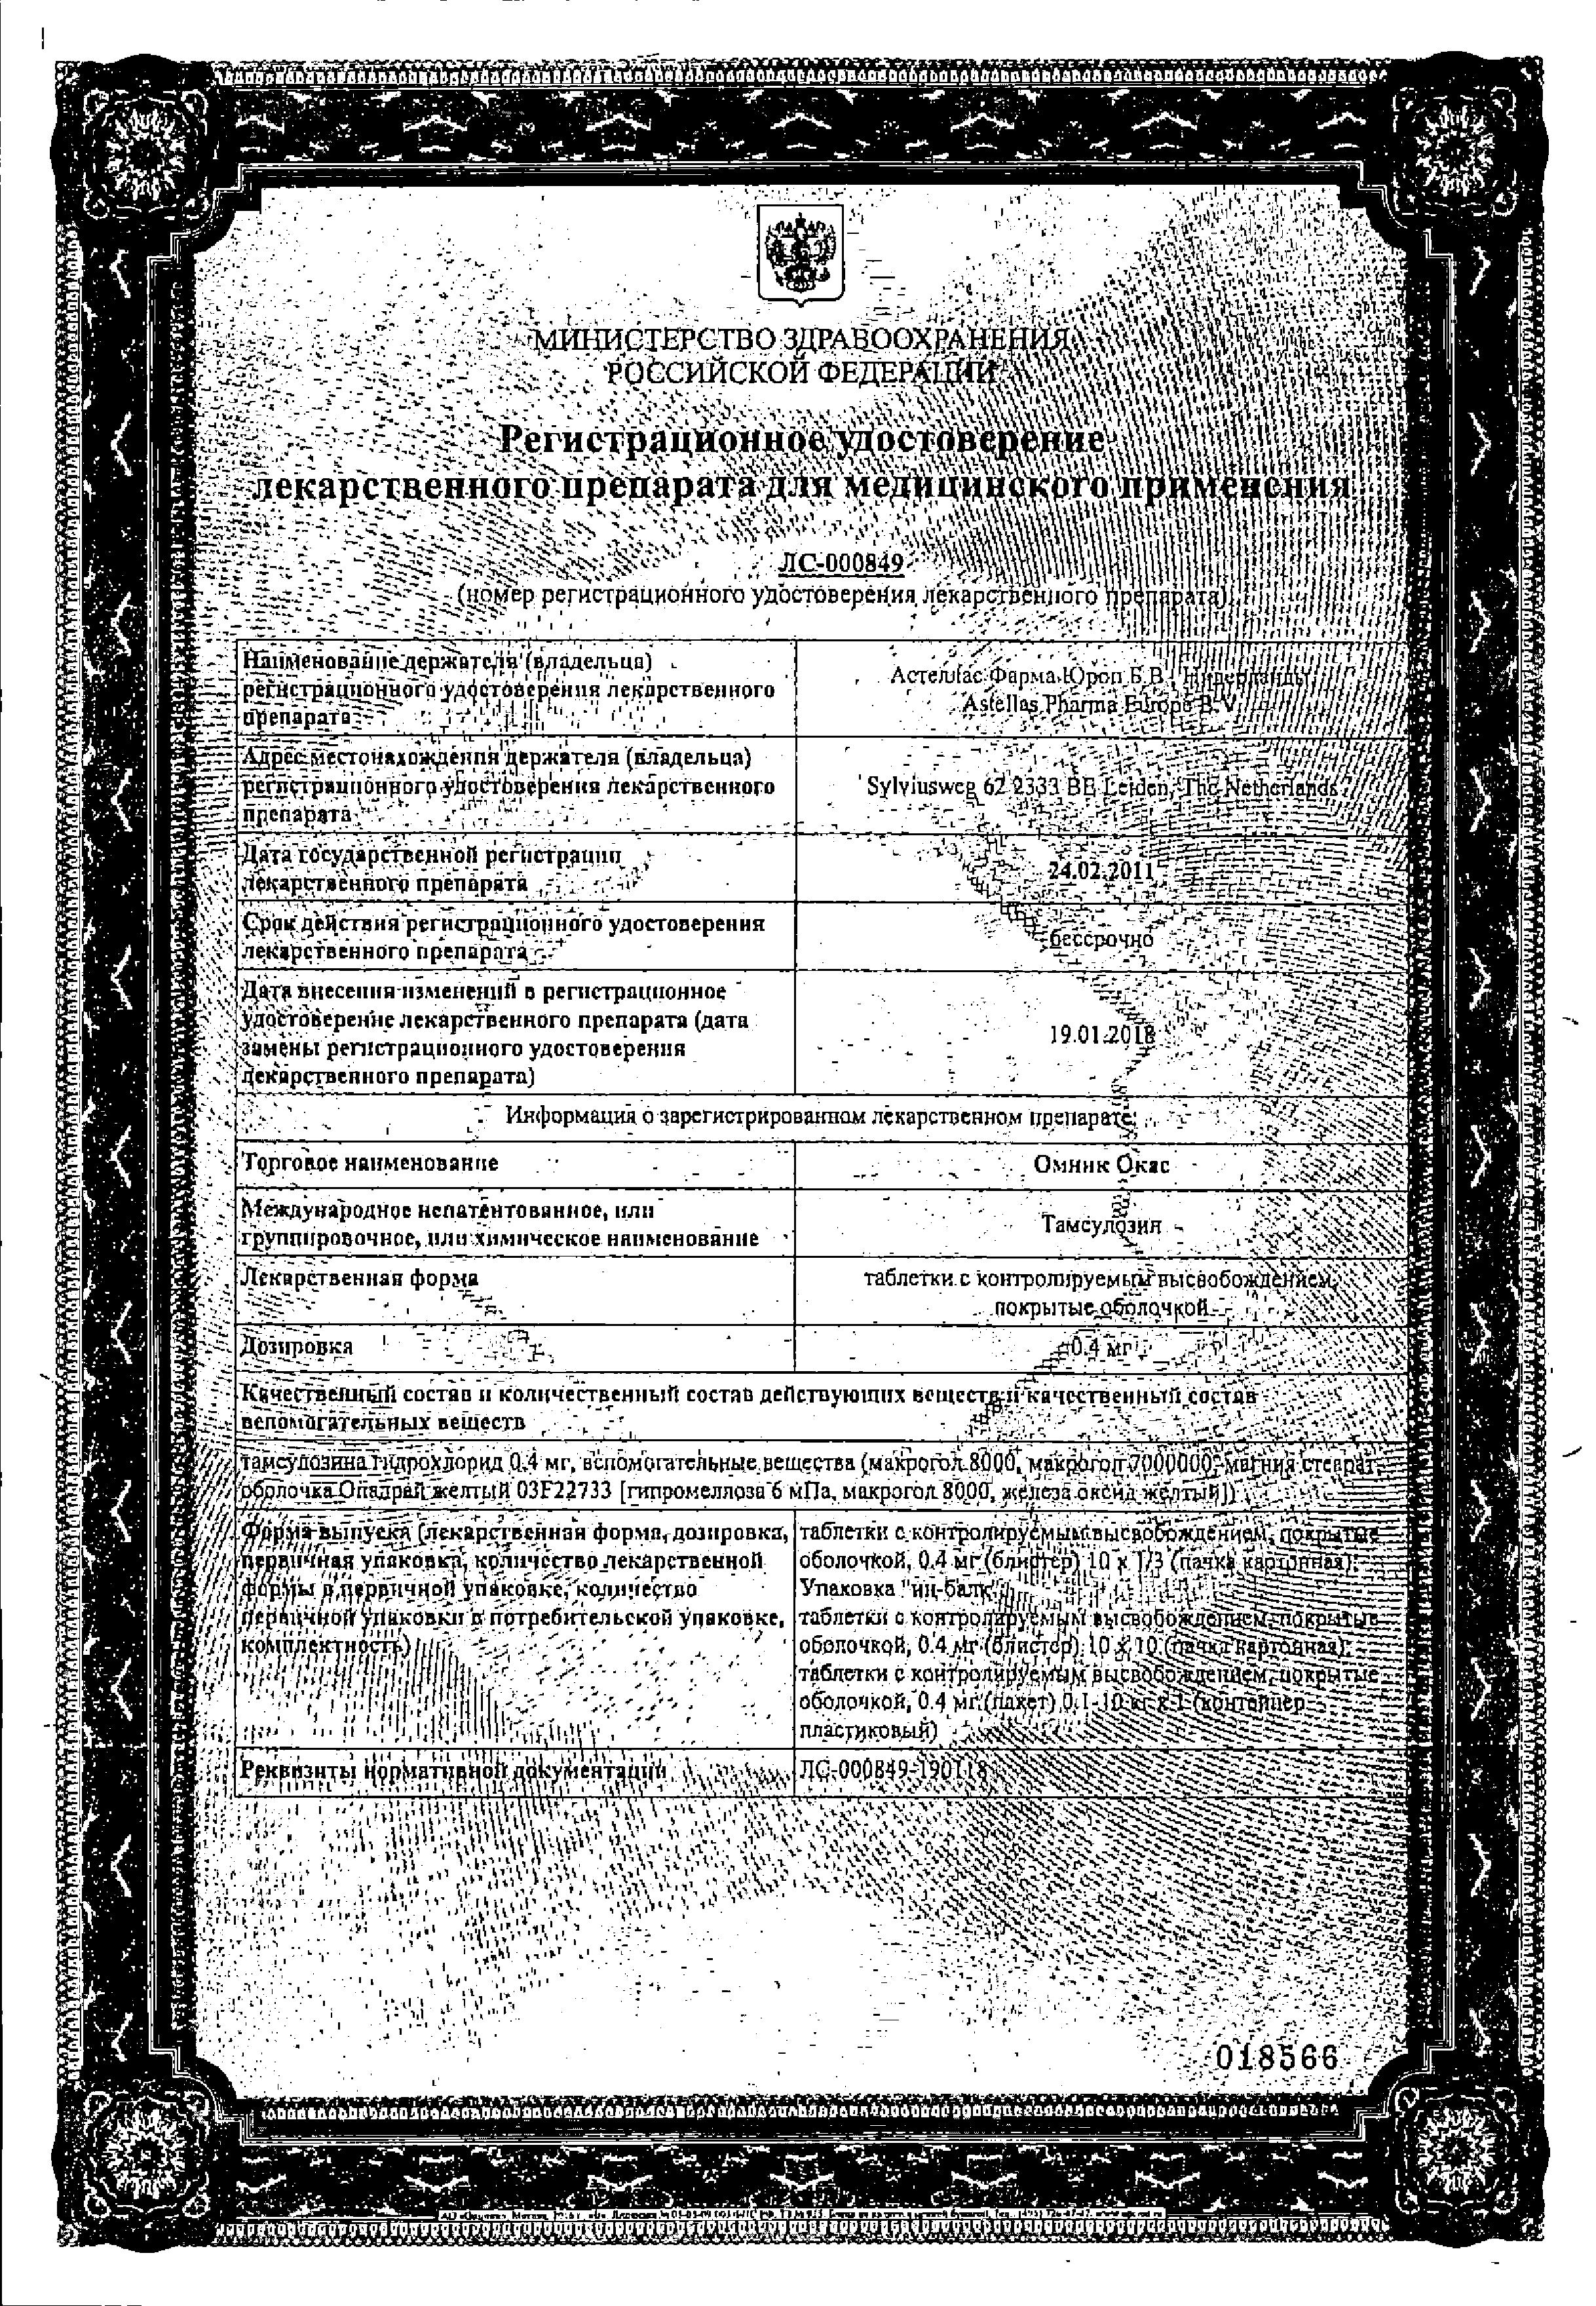 Омник Окас сертификат